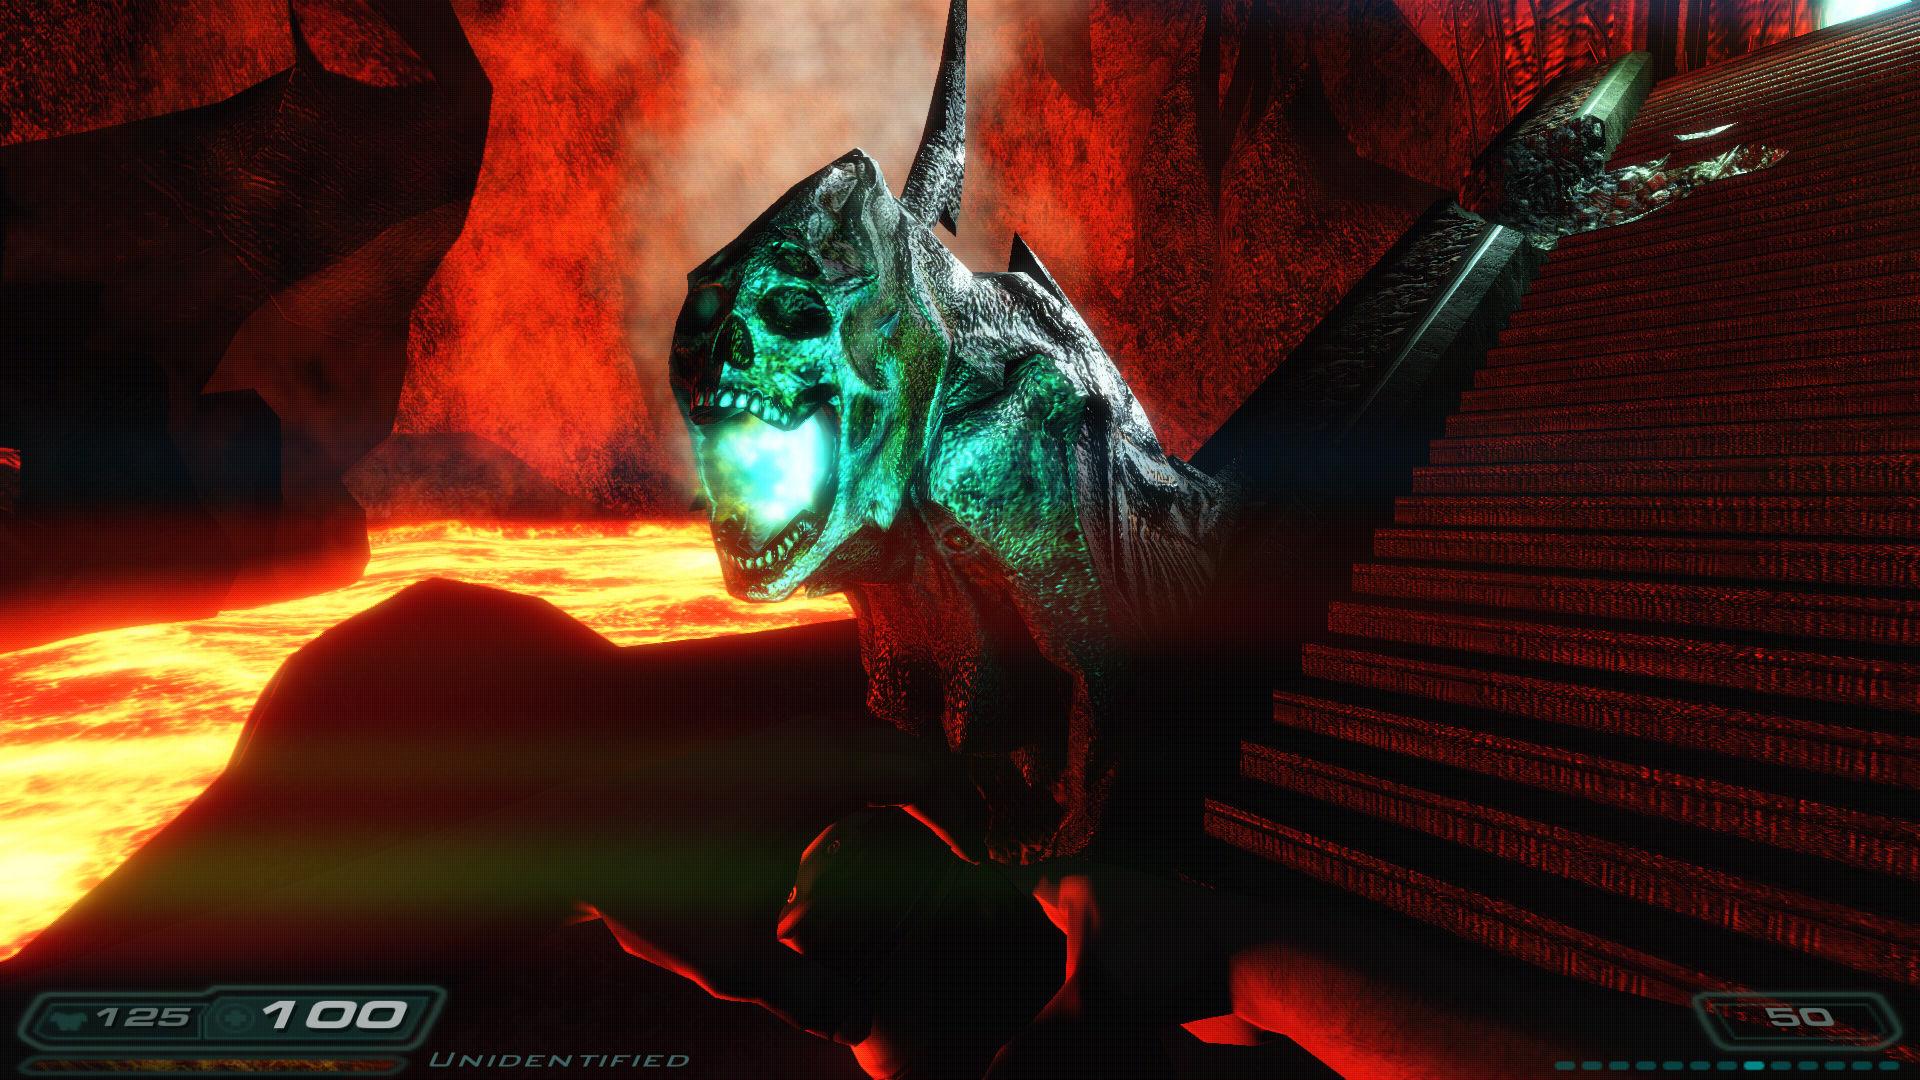 Xbox 360 Console Mods Game Mods: Doom 3 - Pe...